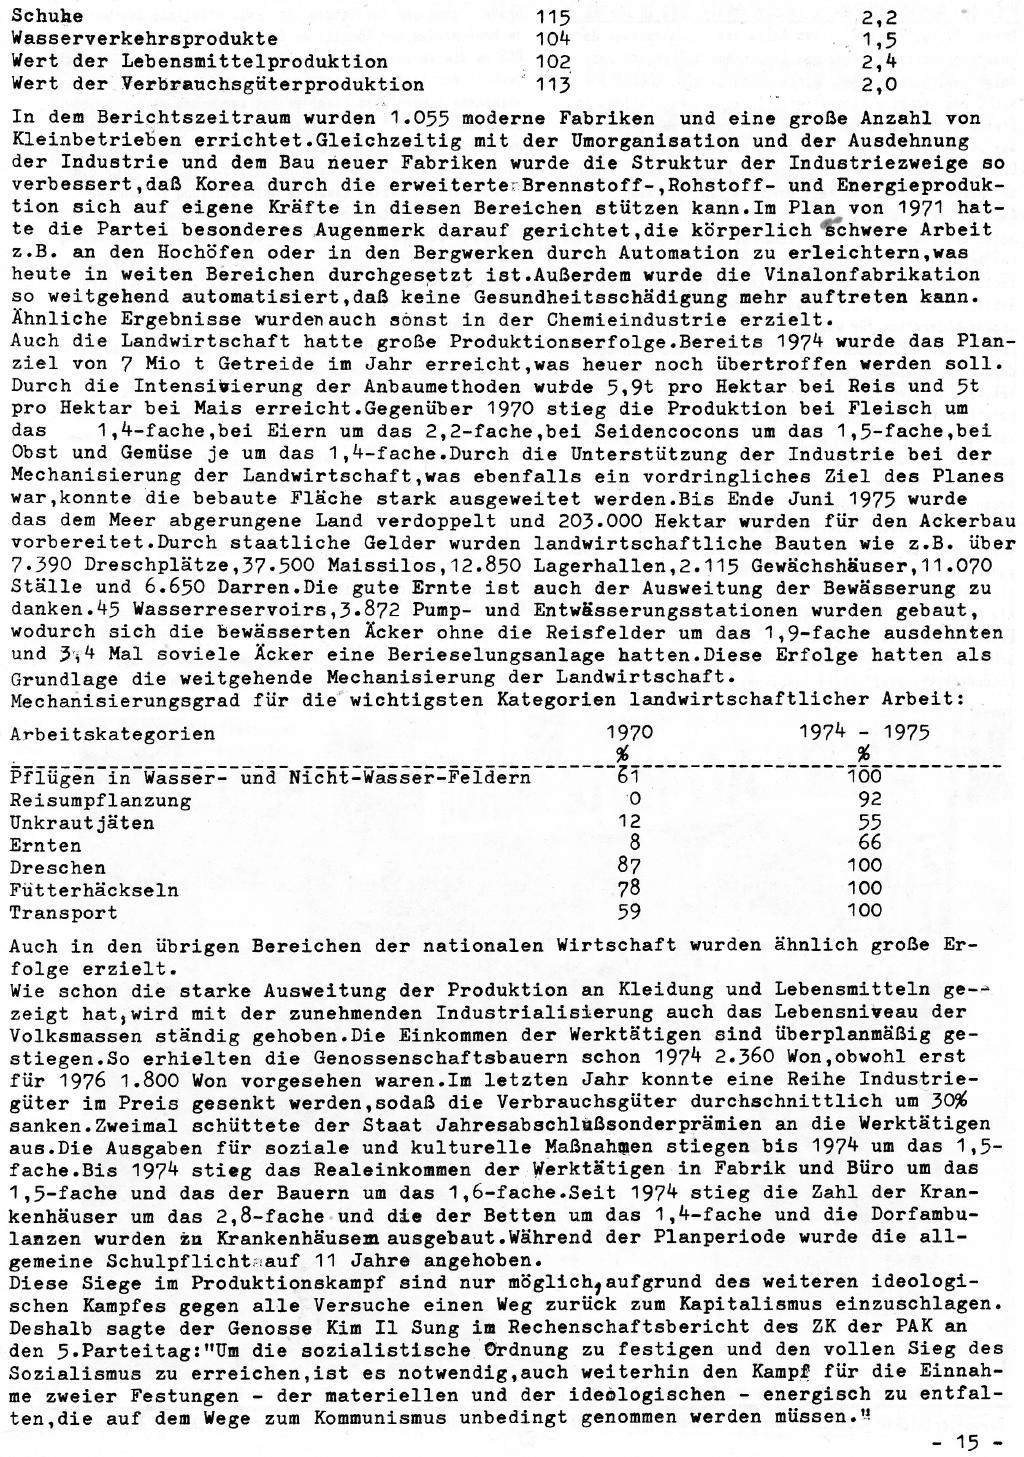 RPK_Pressedienst_1975_48_15